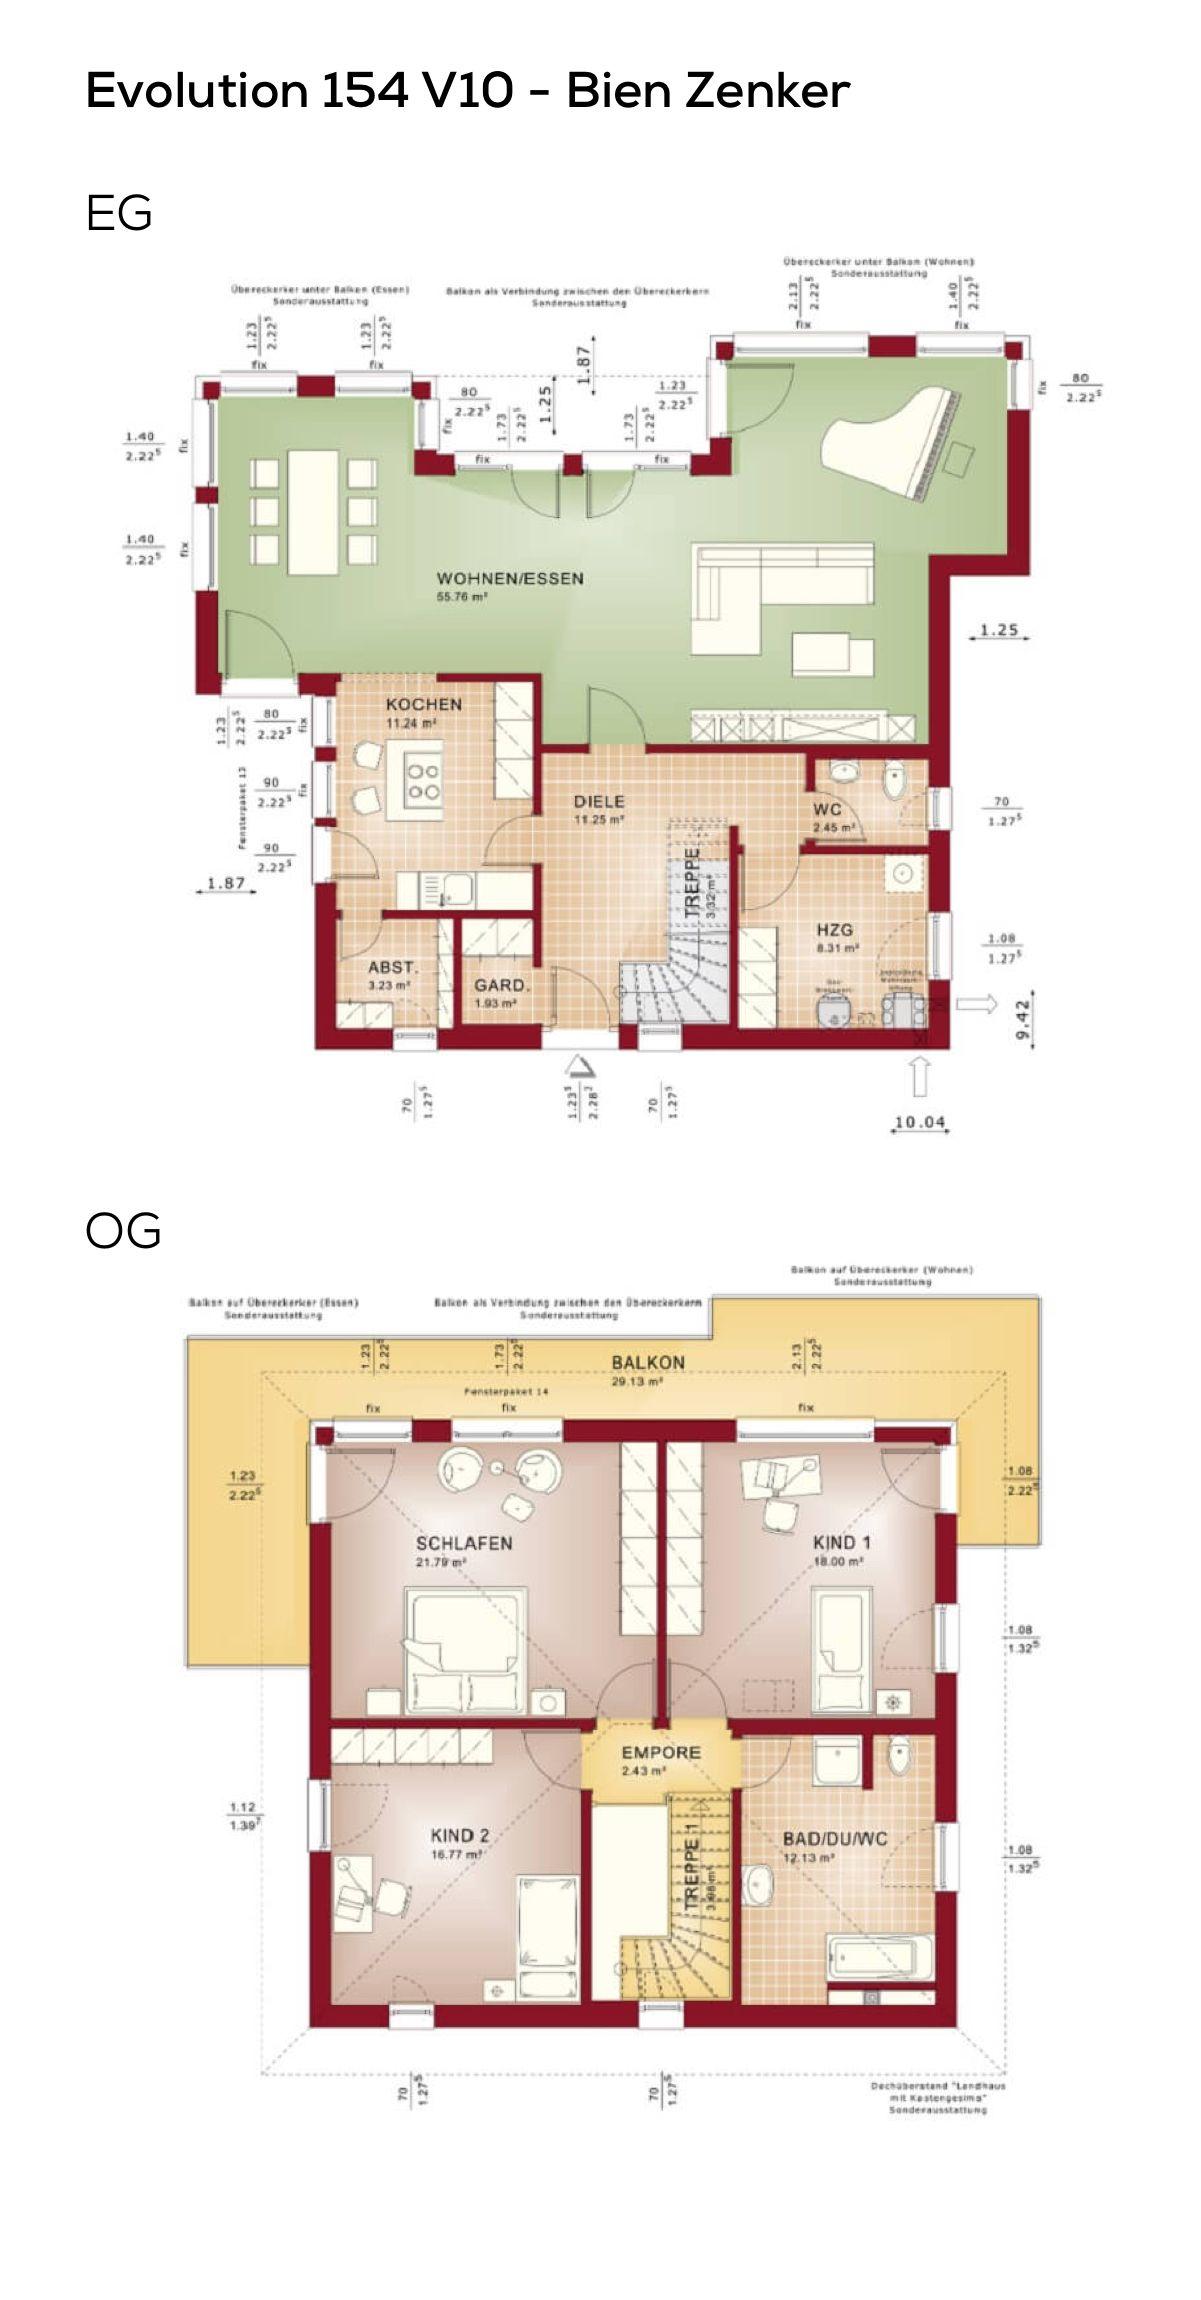 Malerisch Grundriss Einfamilienhaus 150 Qm Das Beste Von Stadtvilla - 4 Zimmer, Ca.150 Wohnfläche, Erdgeschoss,